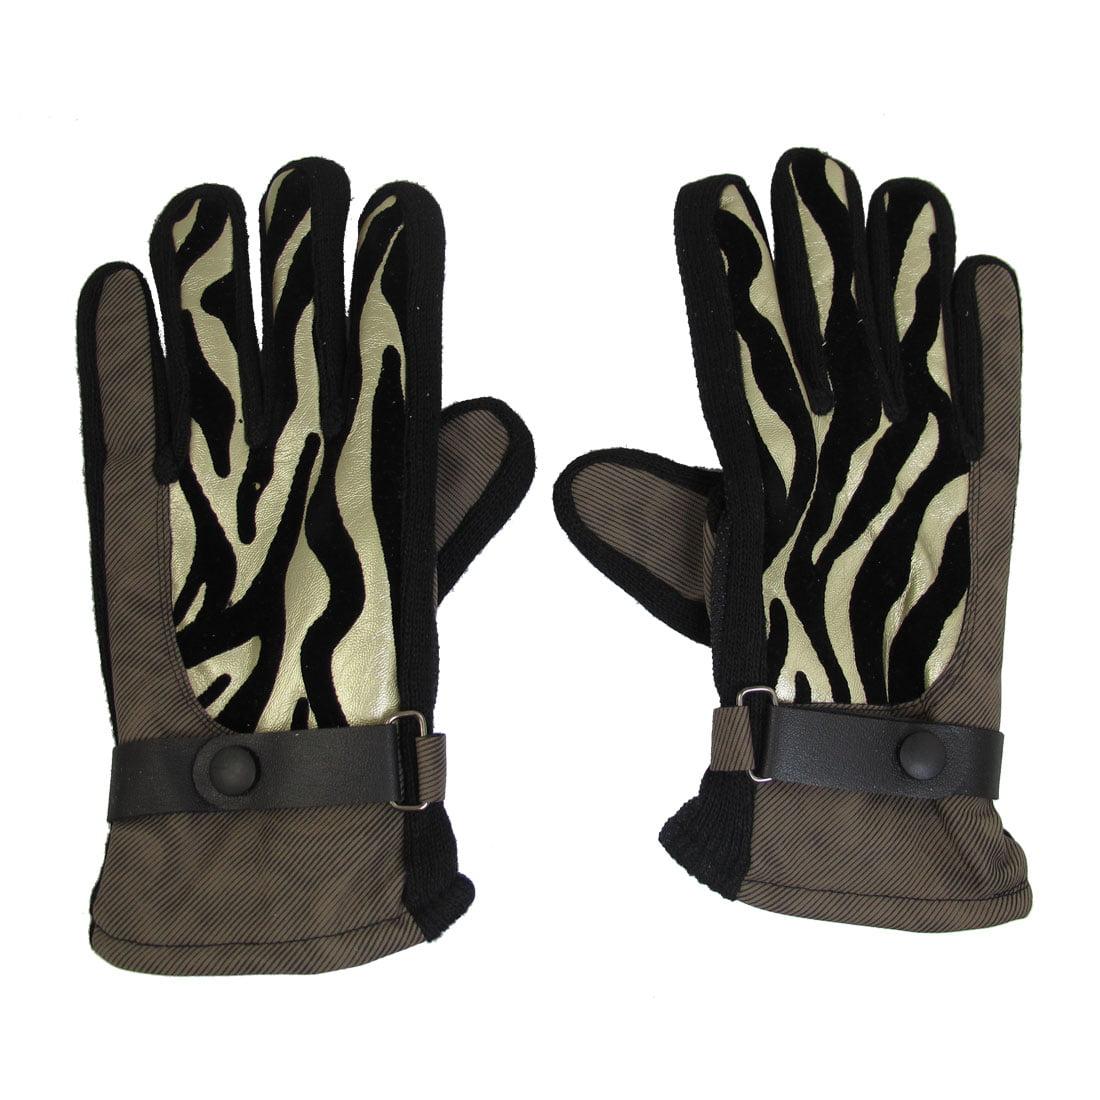 Unique Bargains Unique Bargains Man Winter Nylon Fleece Climbing Golden Tone Coffee Color Full Finger Gloves by Unique-Bargains